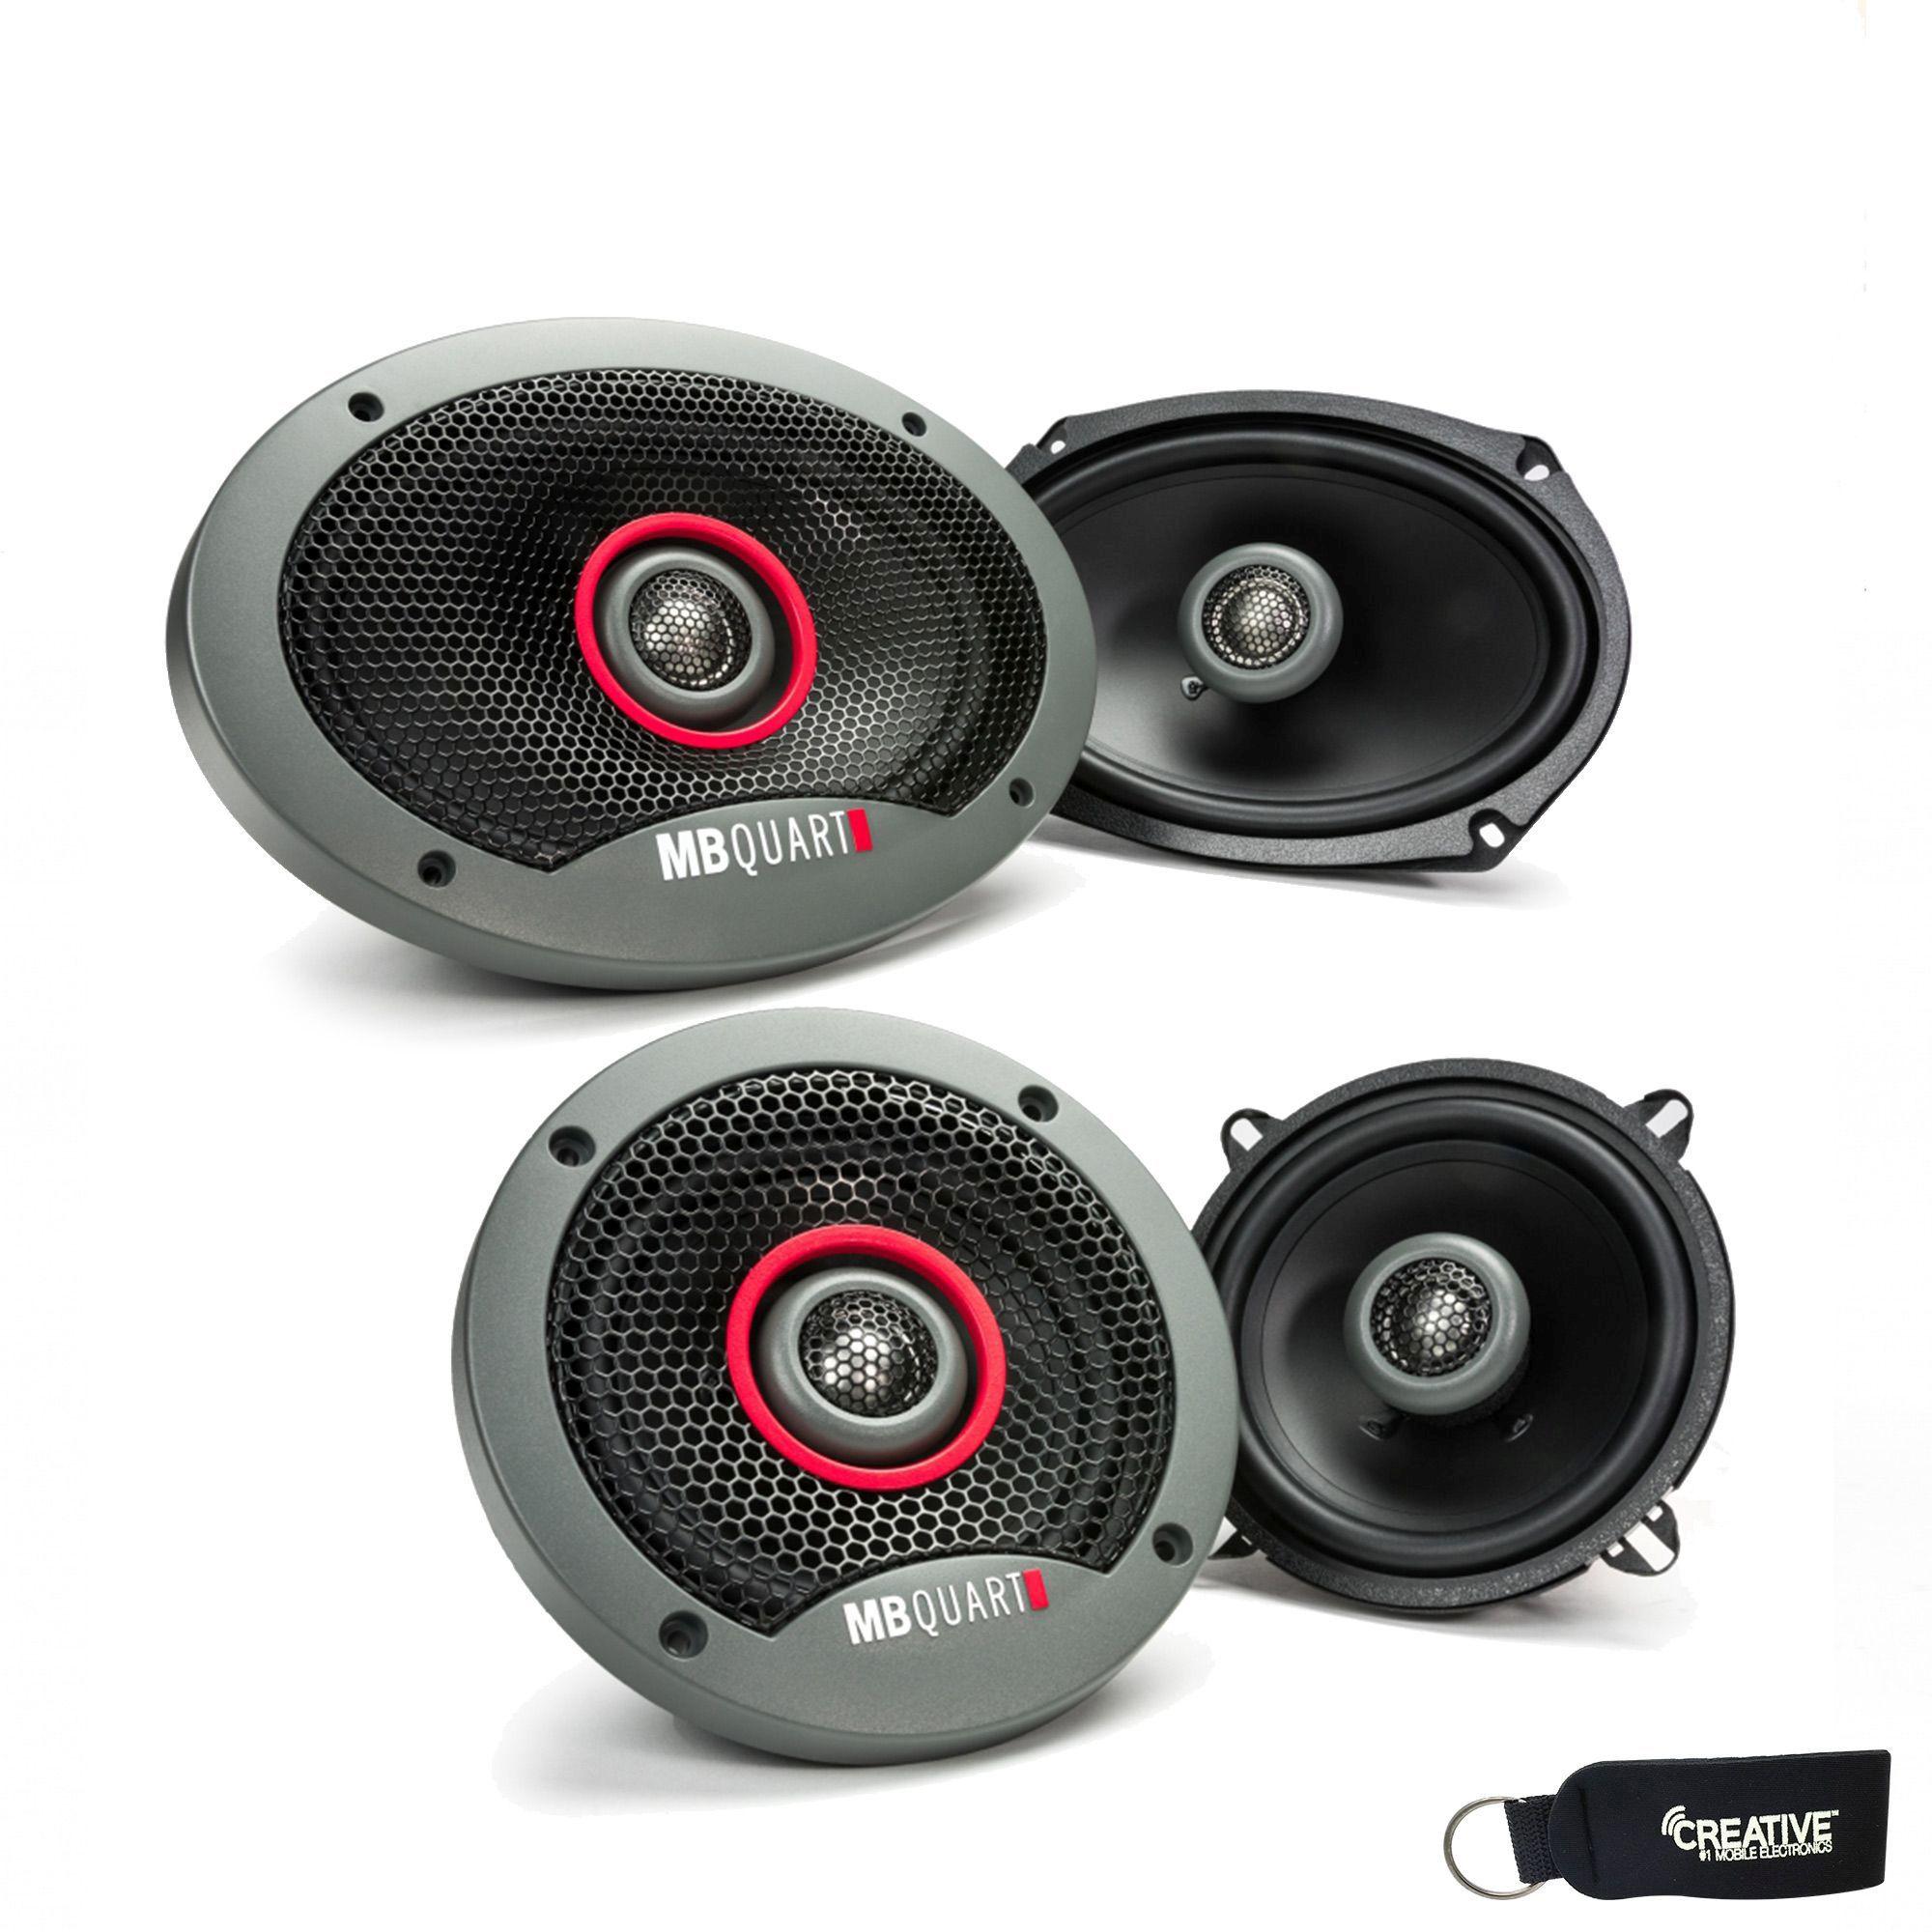 """MB Quart - Pair Of Formula FKB169 6x9"""" Coaxial Speakers And A Pair Of Formula 5.25"""" Speakers FKB113"""